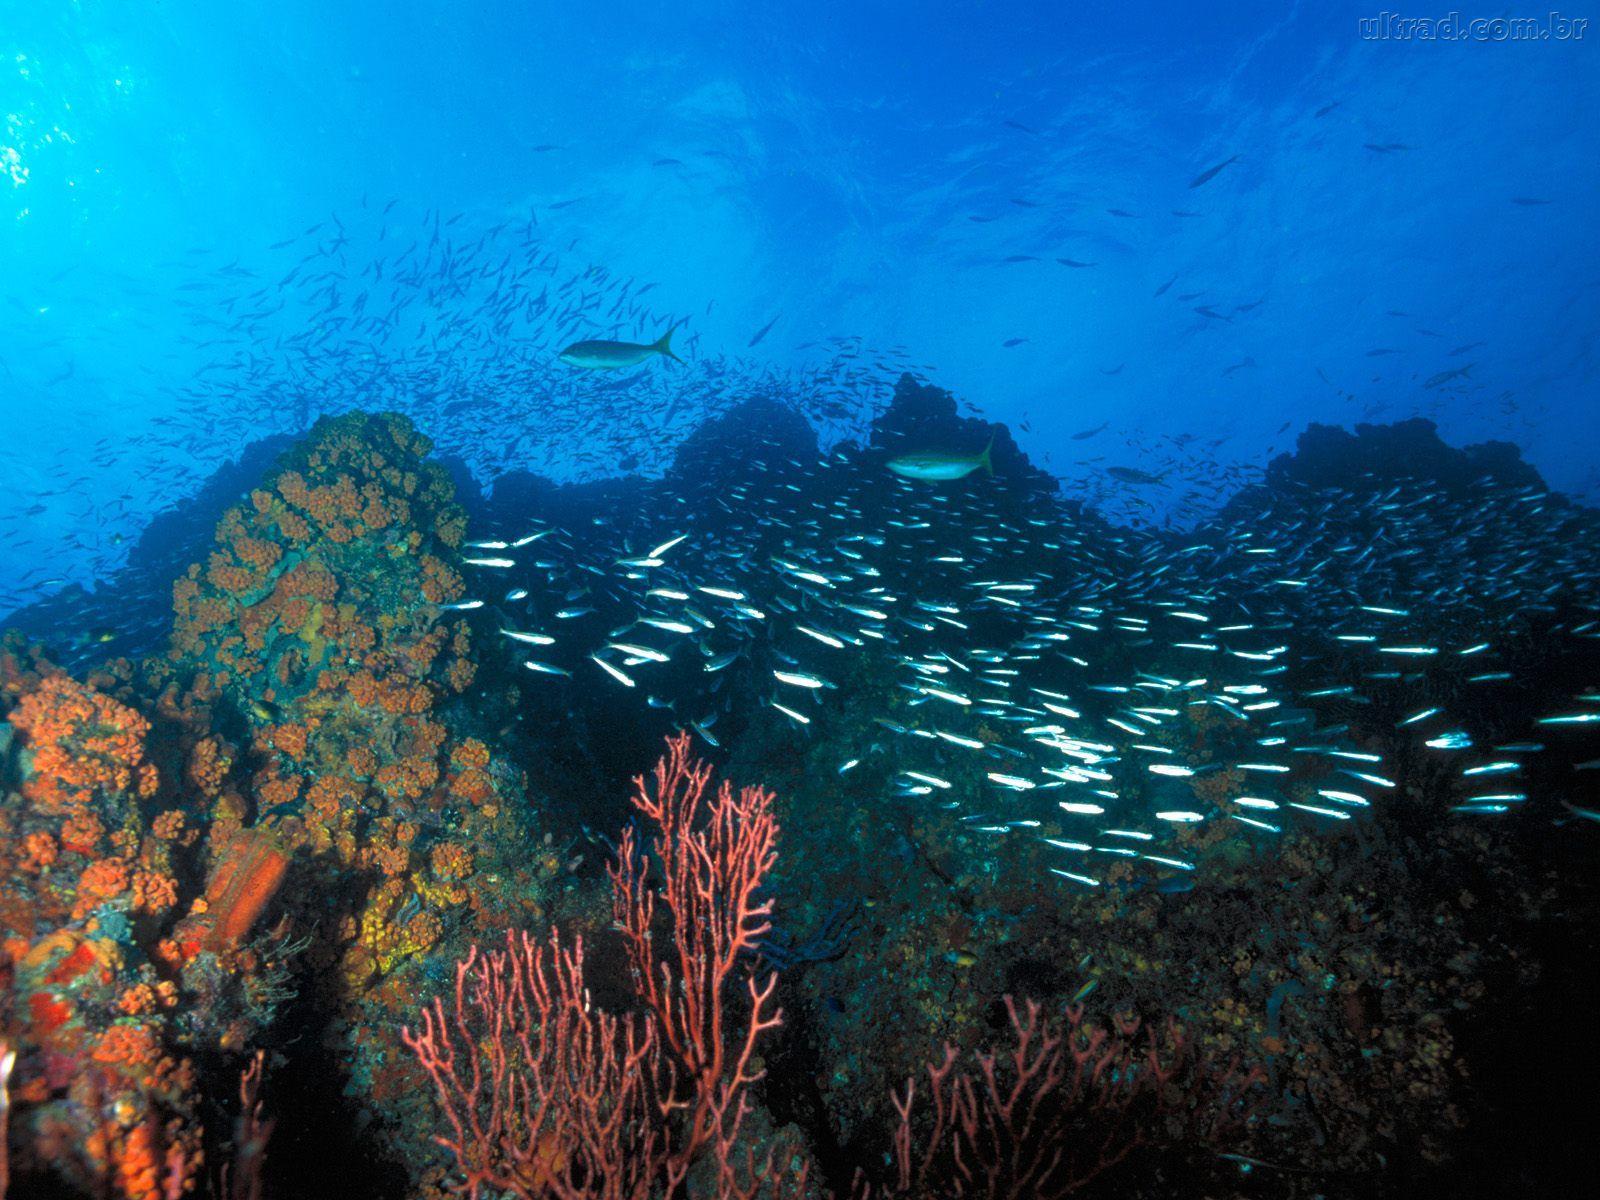 Desafios do fundo do mar   TV Selvagem